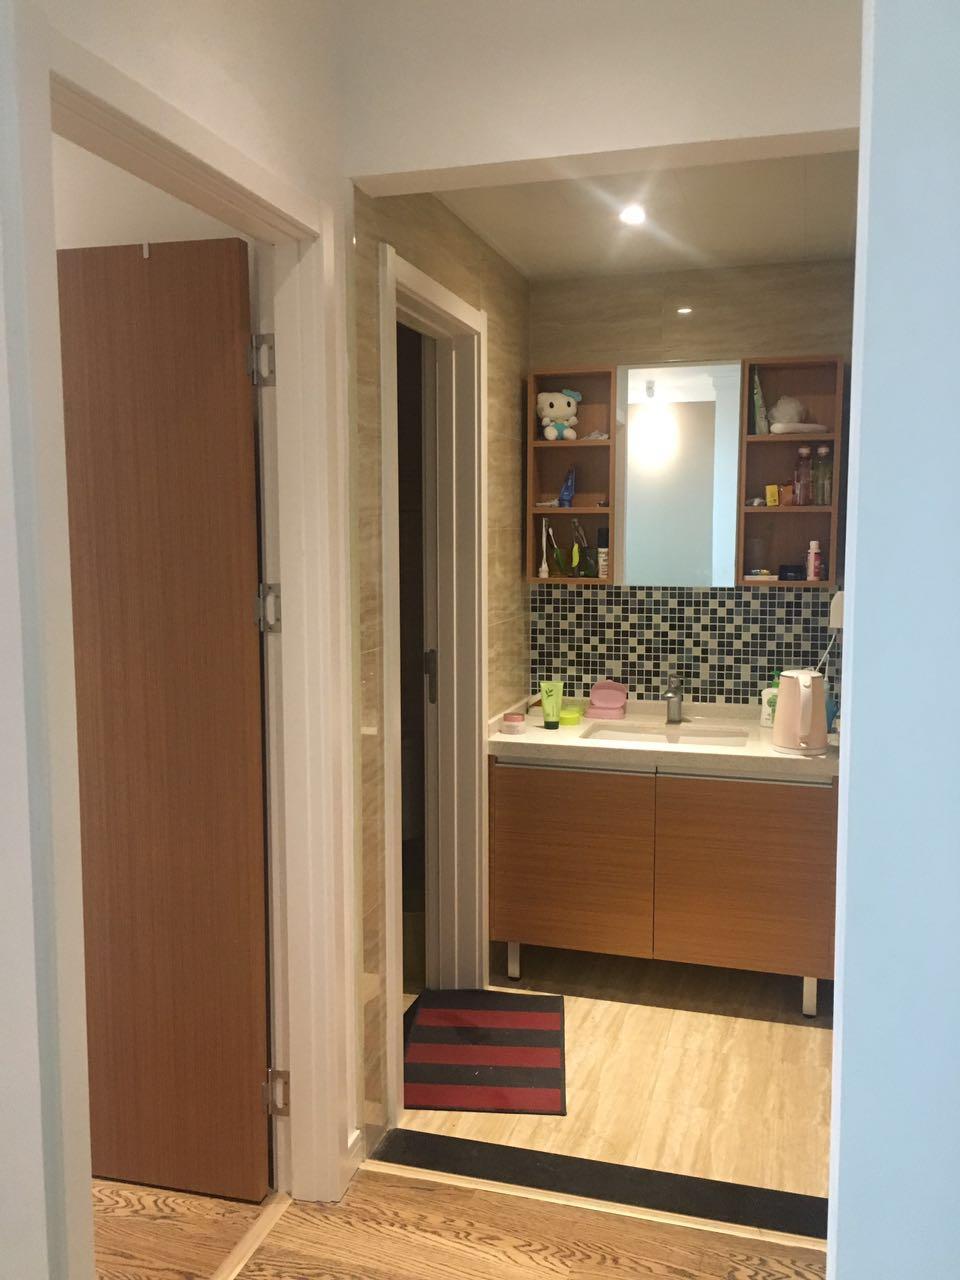 为节省空间,把洗手池安放在卫生间外也是比较常见的,标准化的装饰让房间的整体风格统一、和谐。